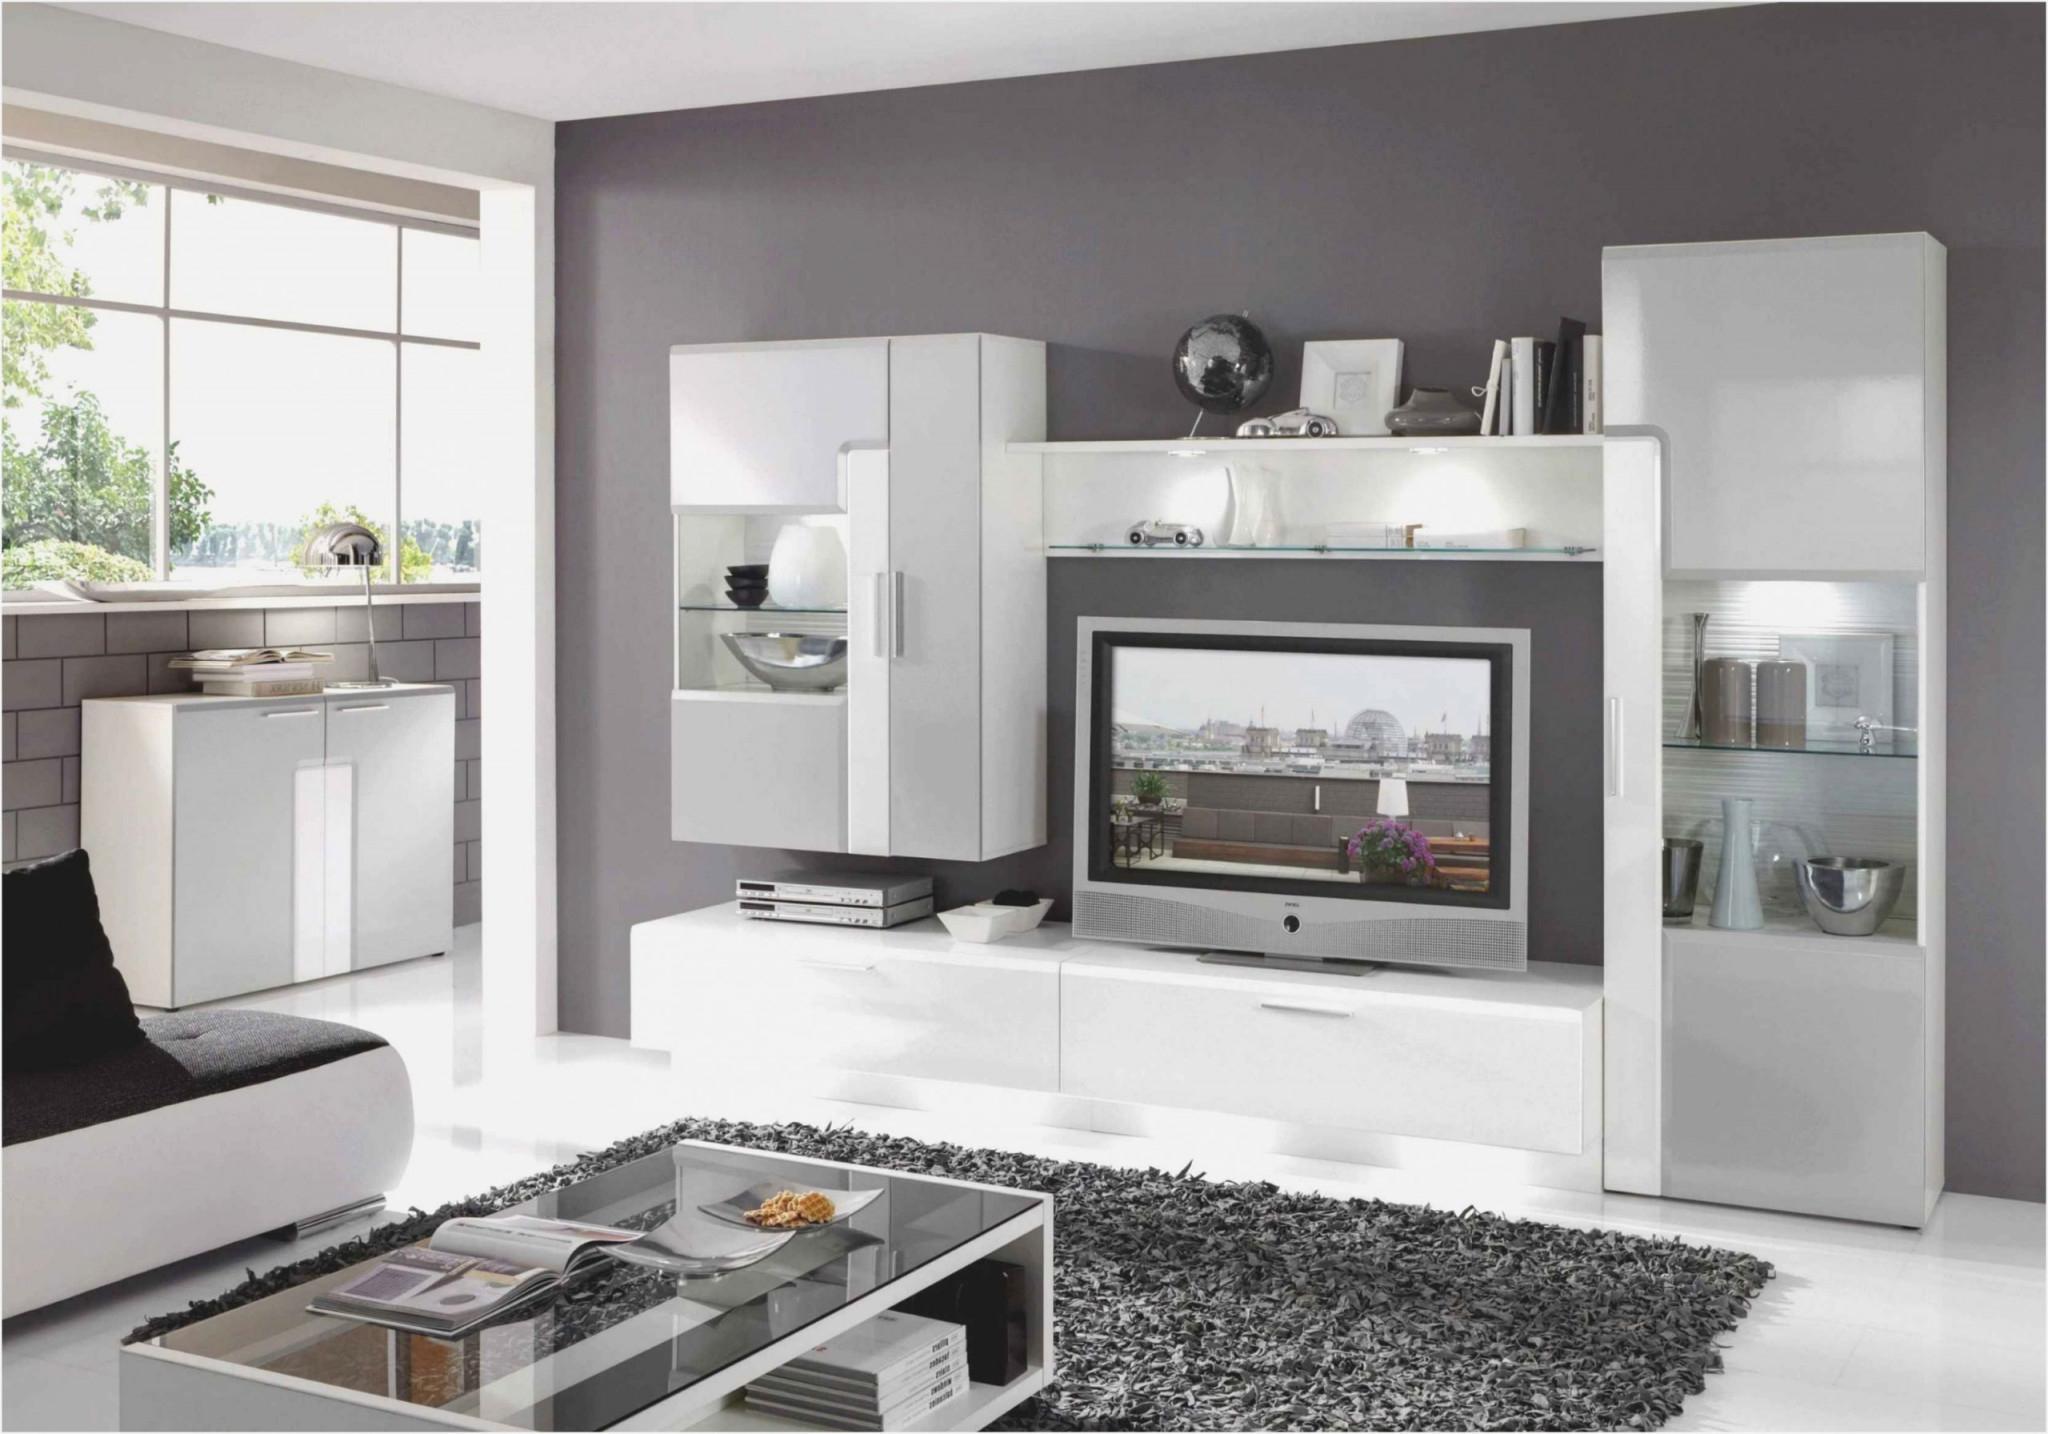 Wohnzimmer Ideen Weiß Lila  Wohnzimmer  Traumhaus von Wohnzimmer Ideen Weiss Grau Bild